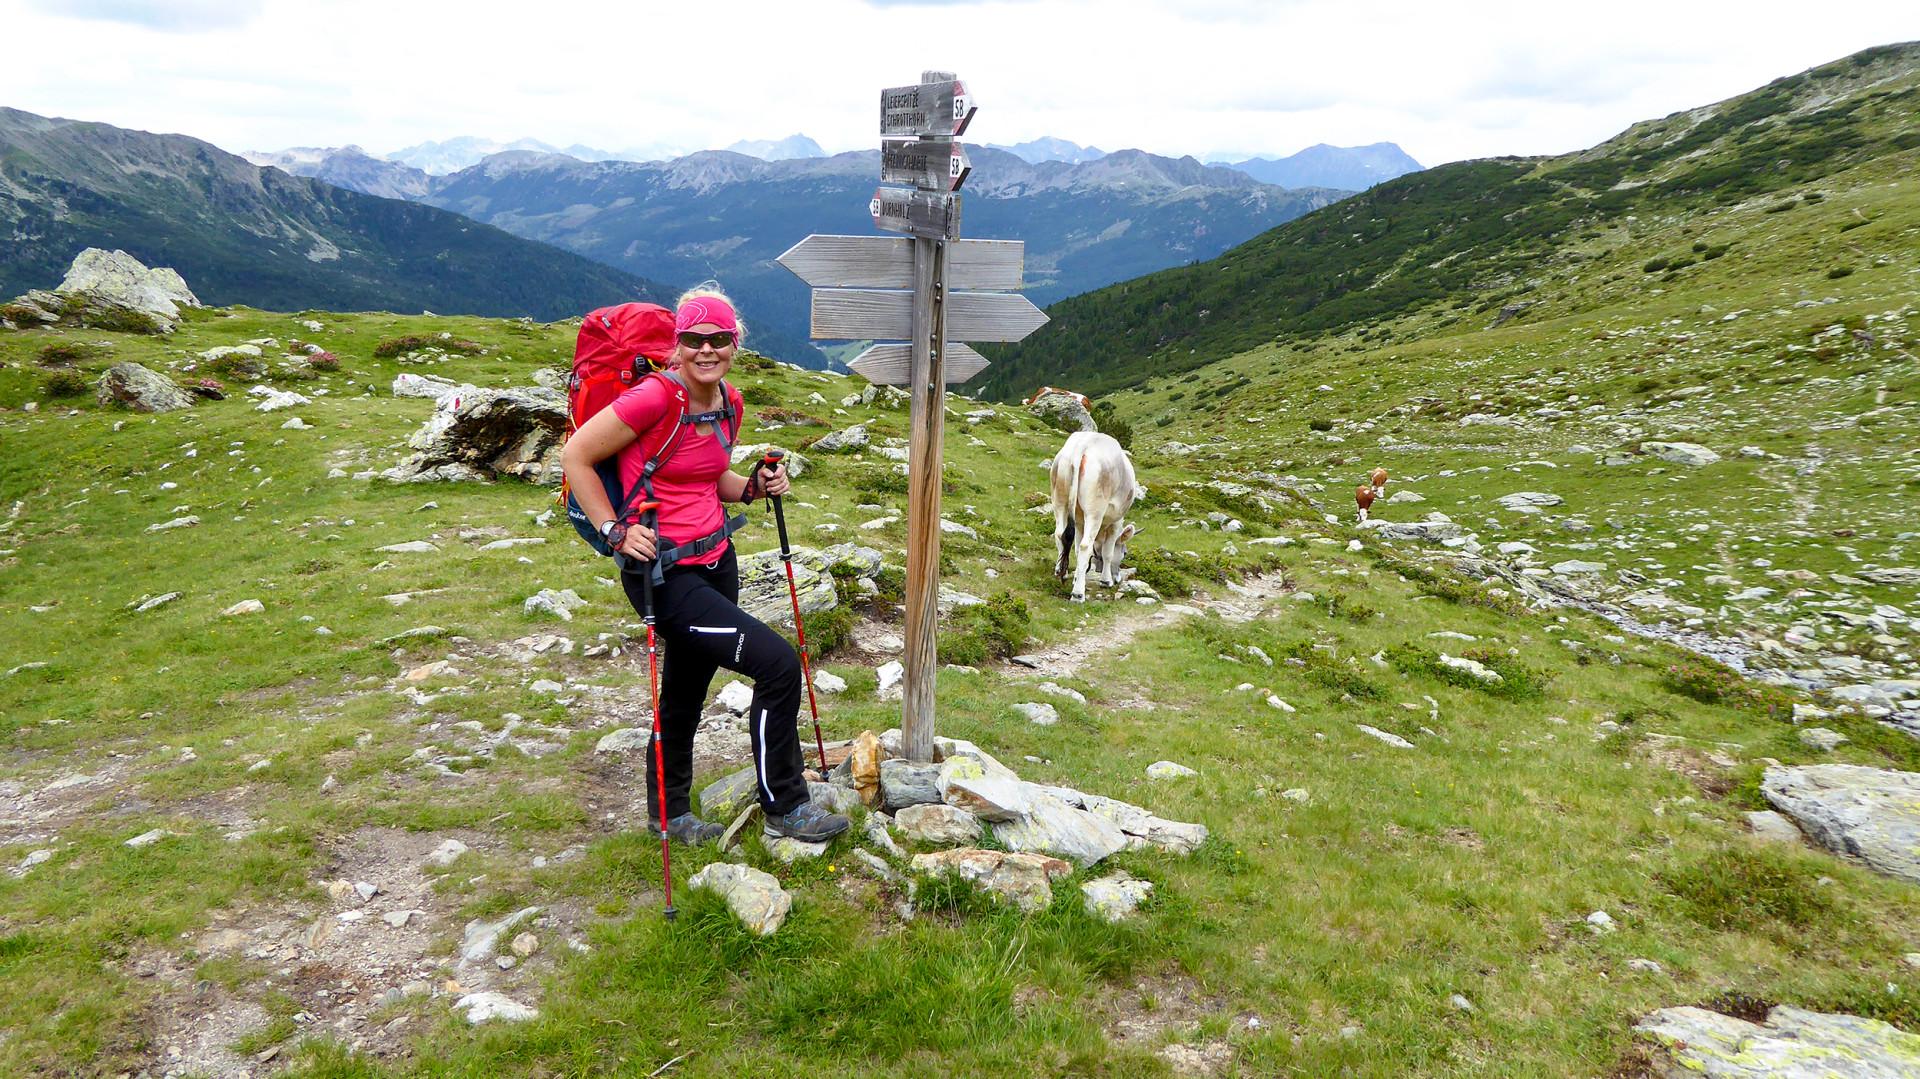 «L'alpinismo e la natura sono due incredibili fonti di energia.»